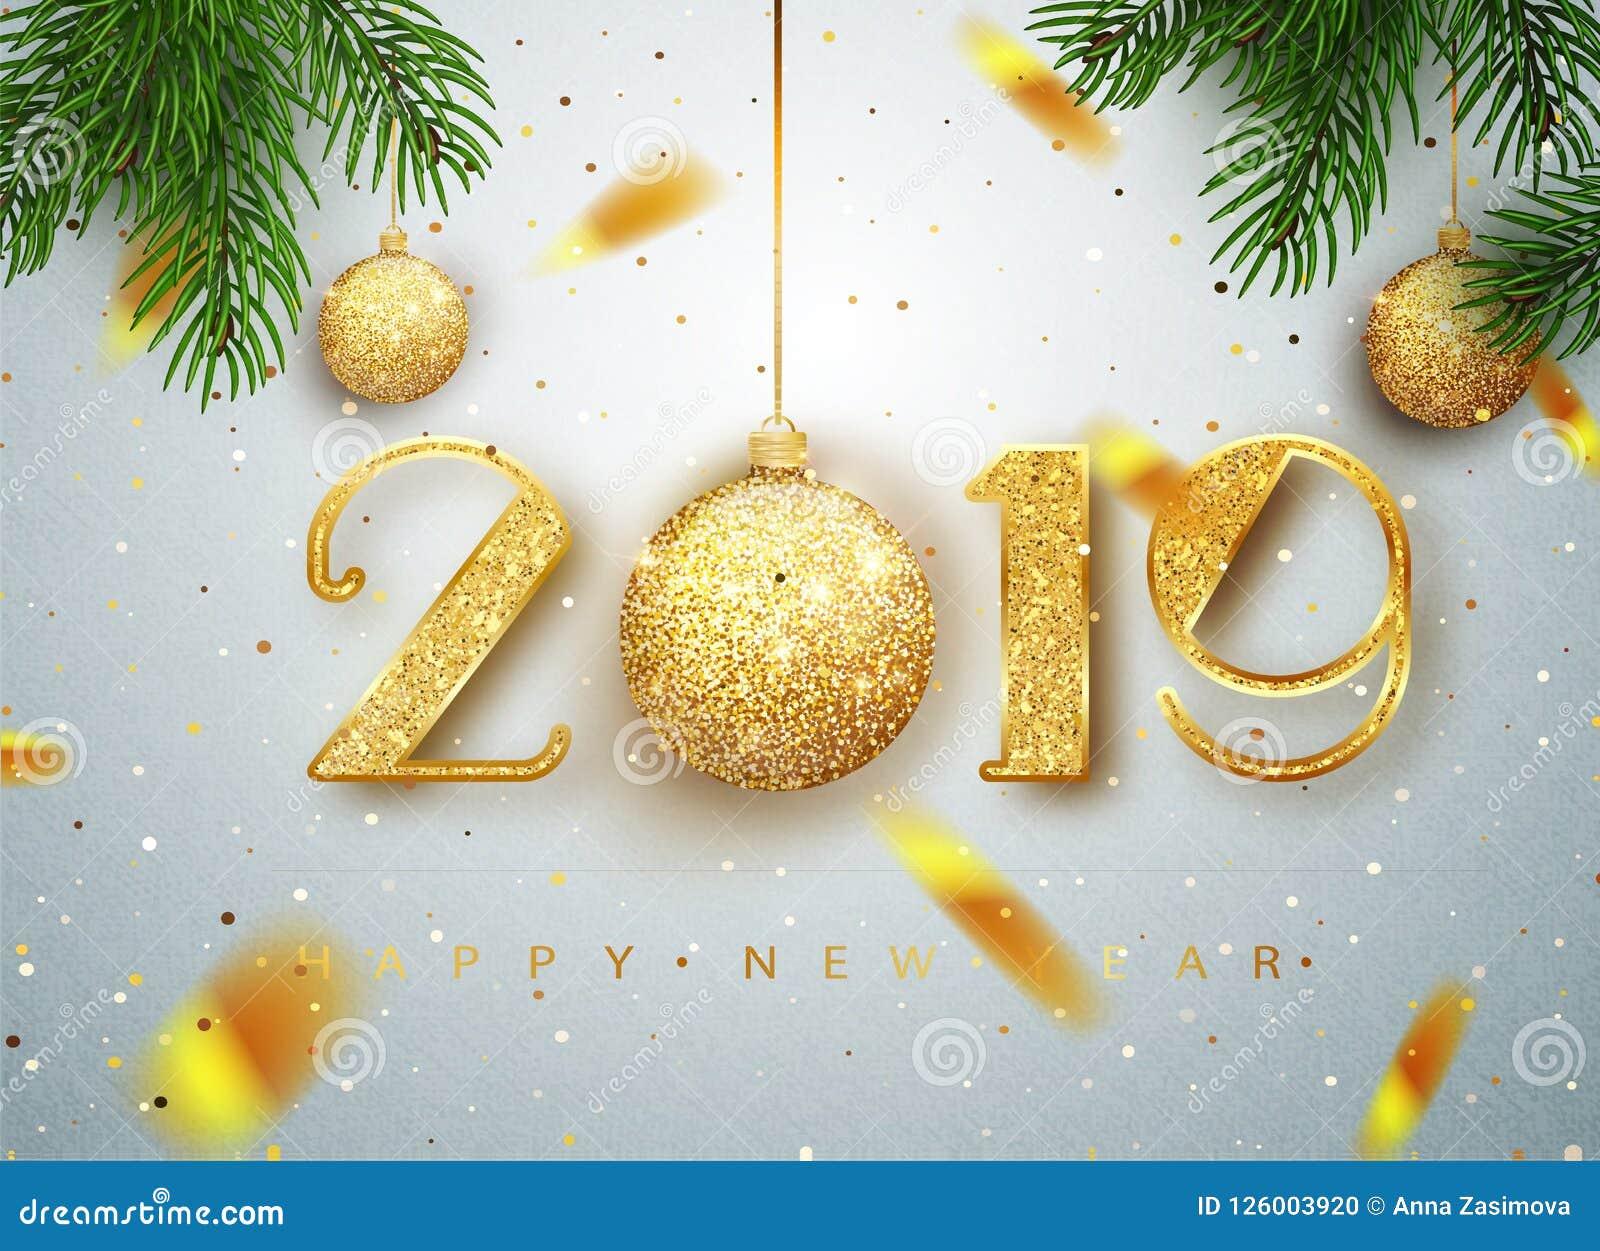 2019 anos novos felizes Projeto dos números do ouro do cartão de confetes brilhantes de queda Teste padrão de brilho do ouro … Ce